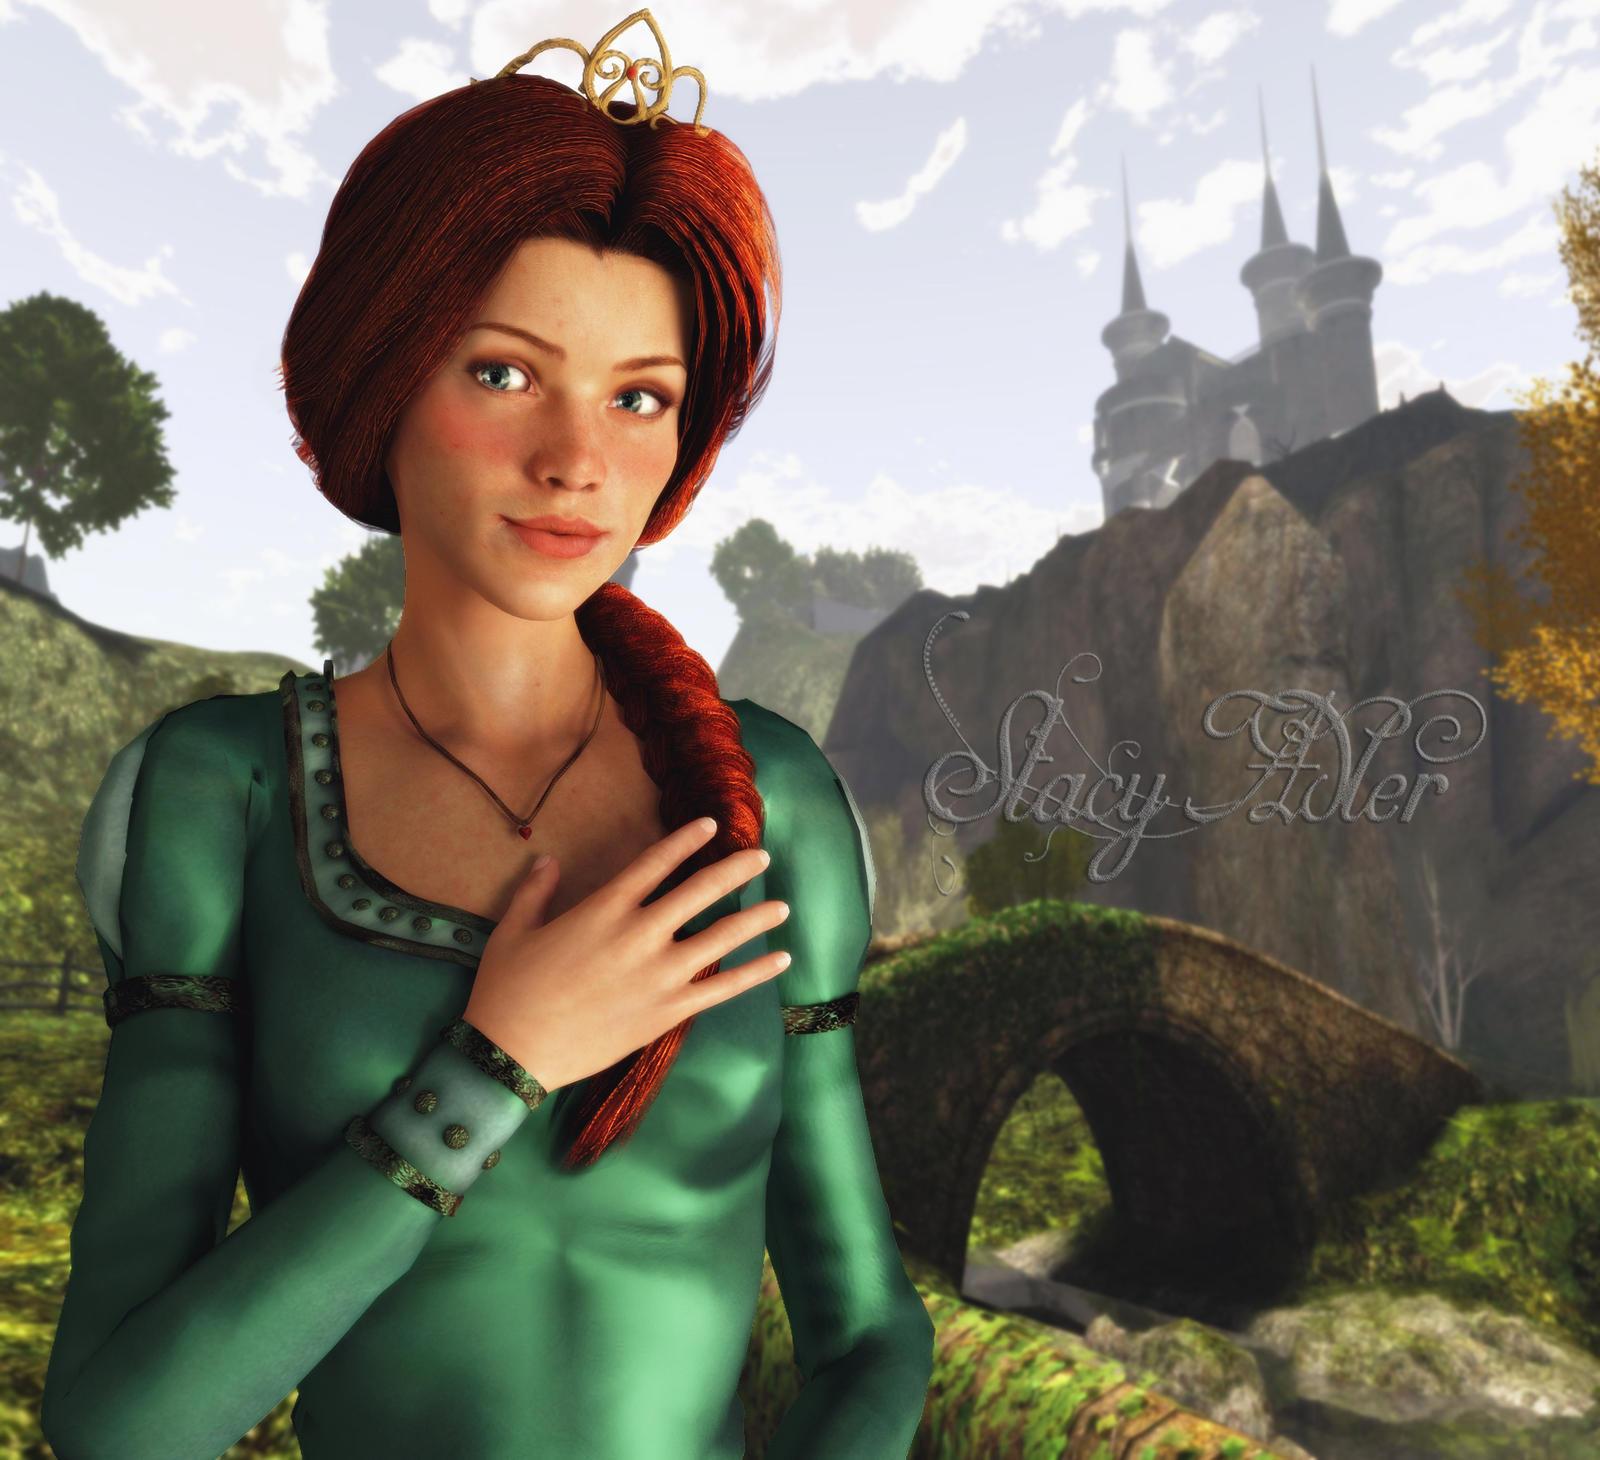 Princess Fiona by StacyAdler on DeviantArt